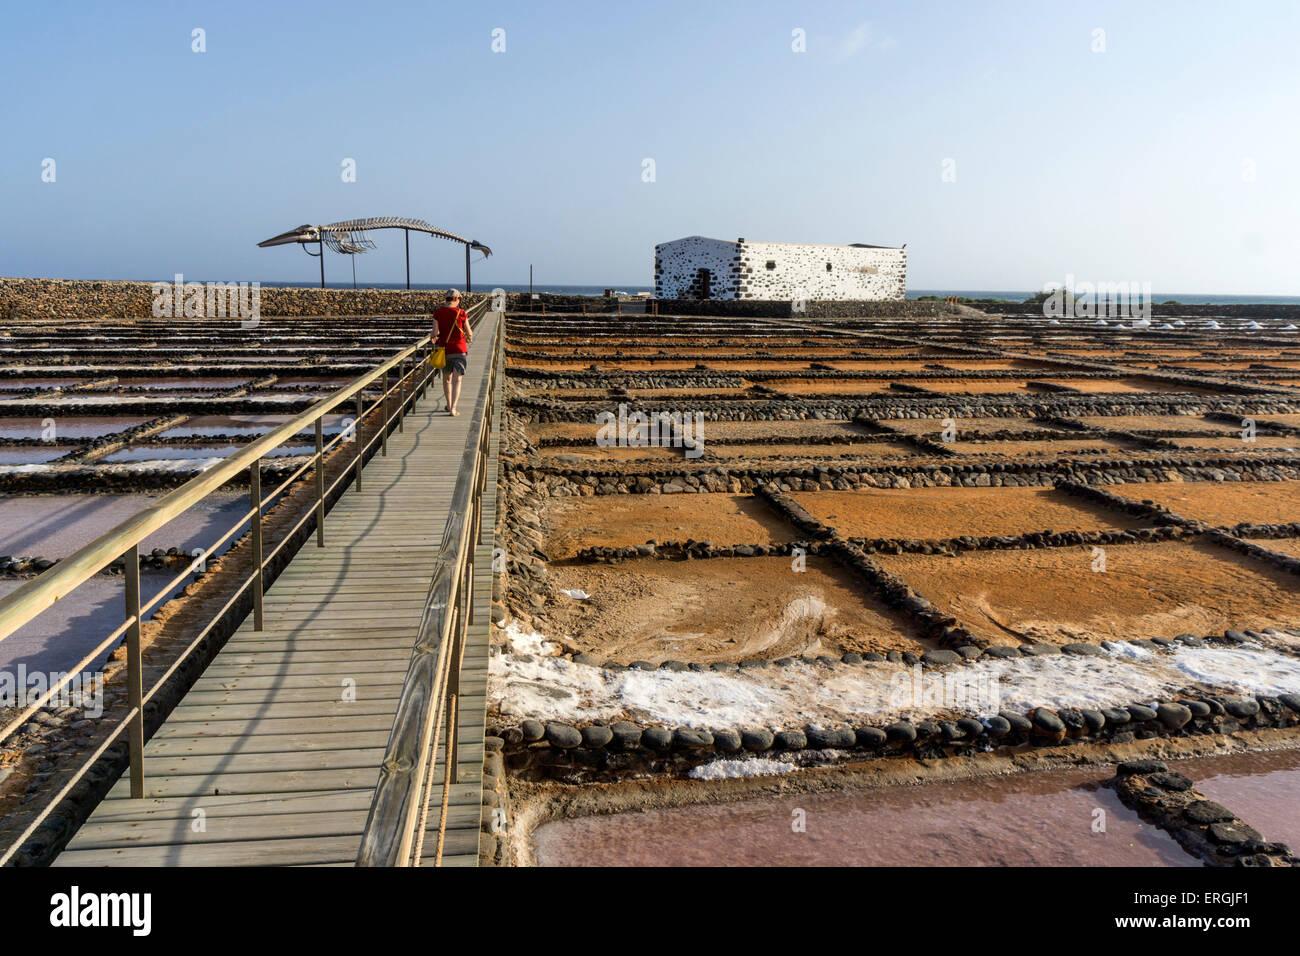 Saline in Caleta de Fuste, Fuerteventura Spain - Stock Image